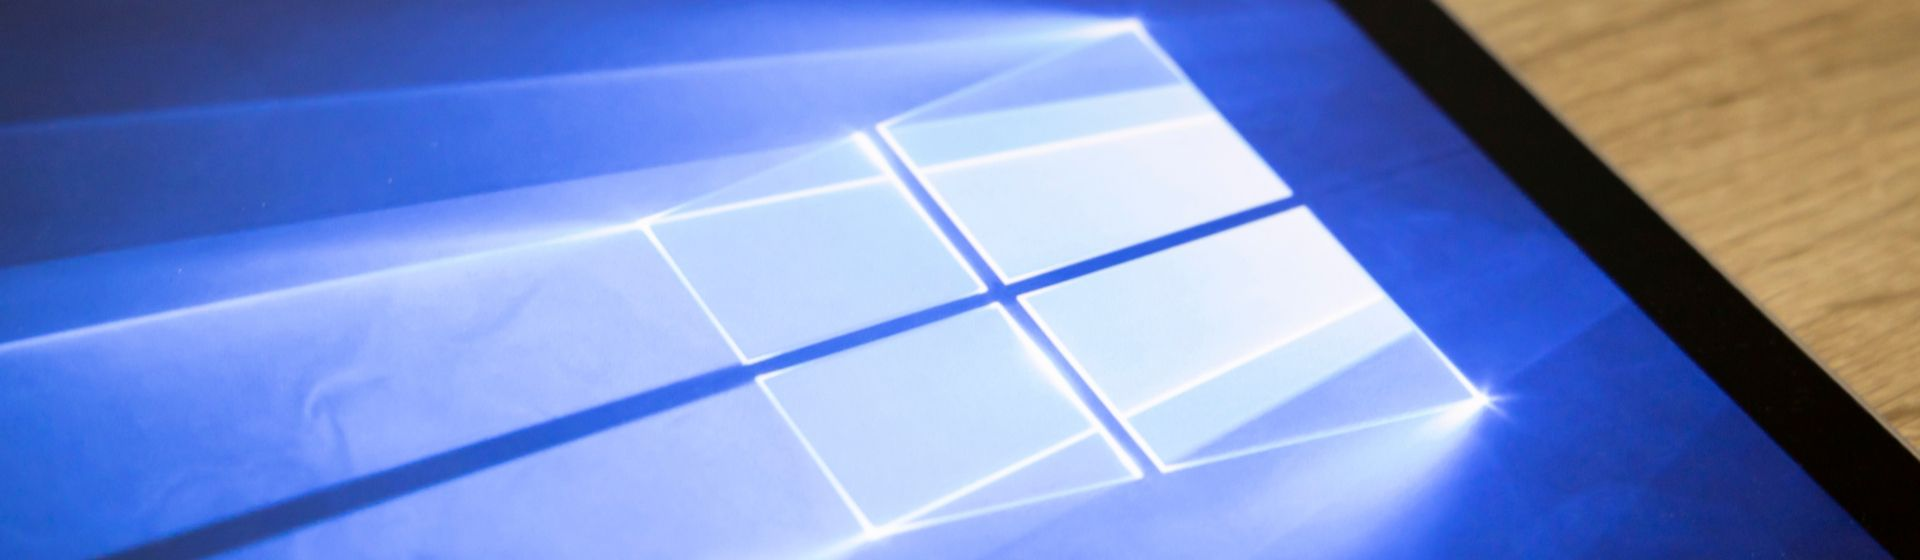 Windows 10: 8 dicas e truques desconhecidos no sistema